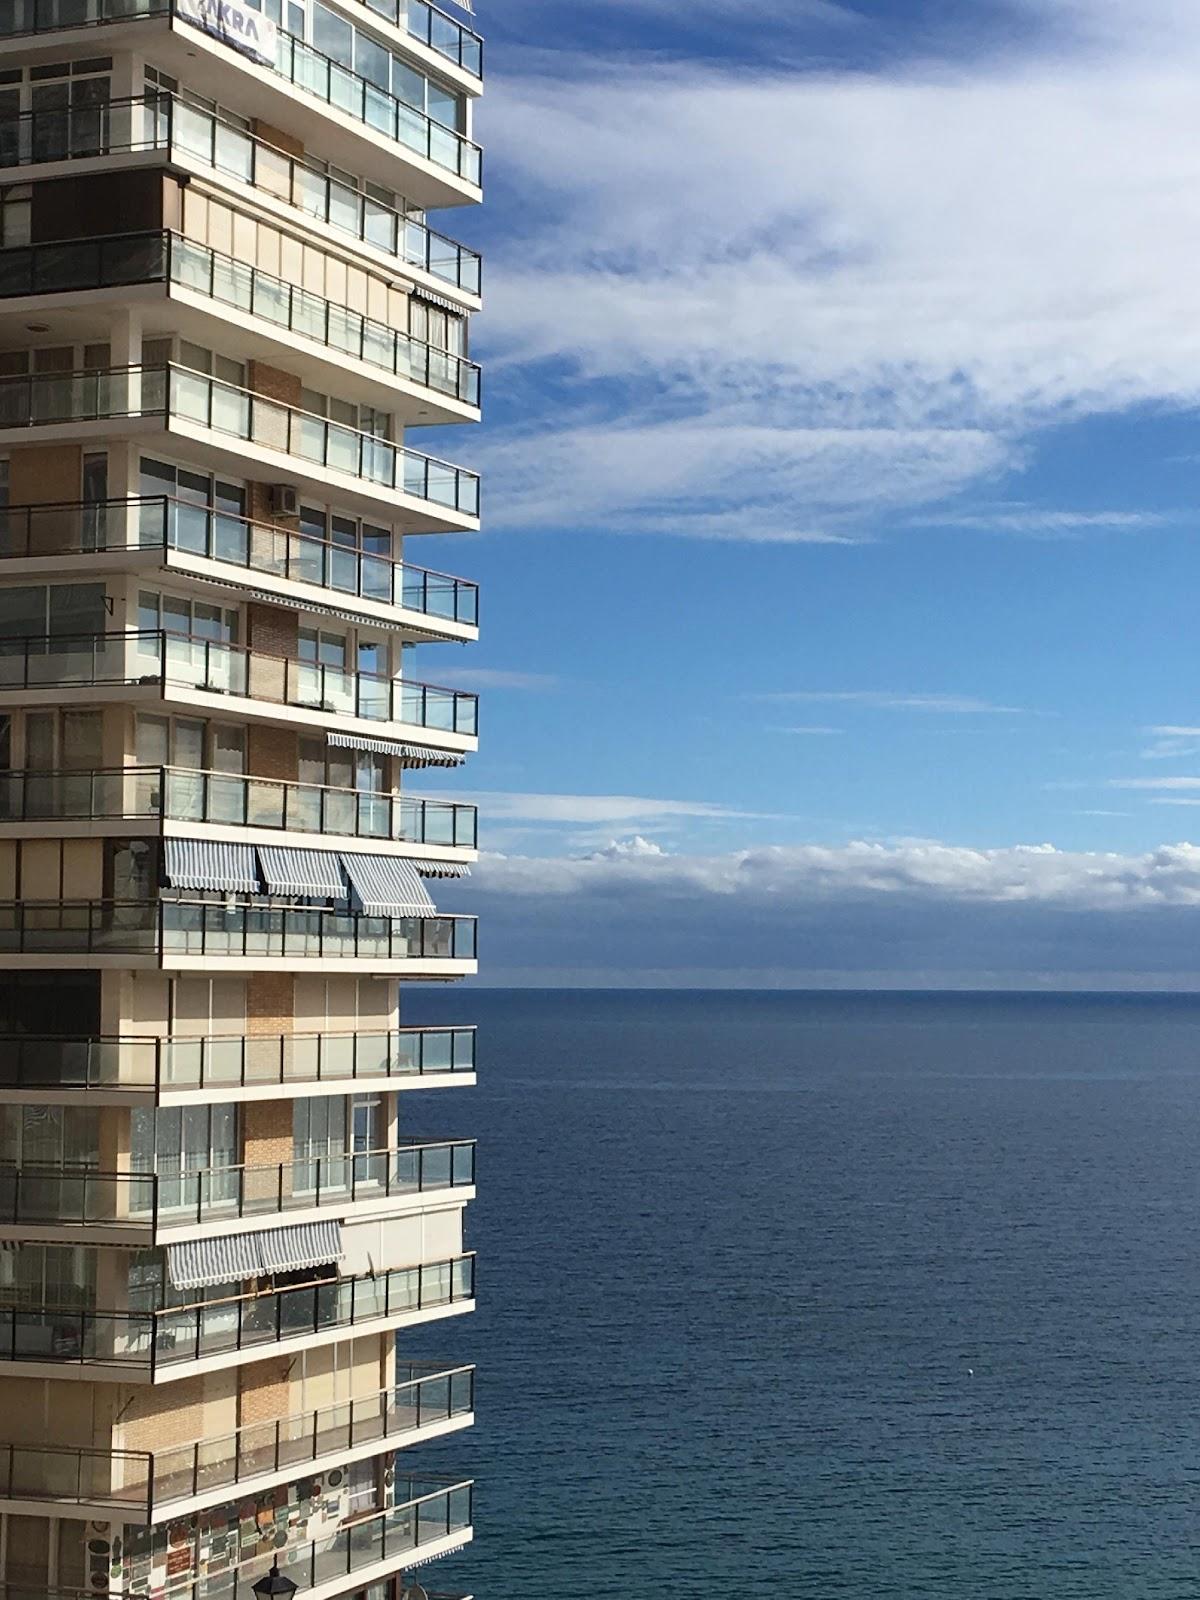 Obsah obrázku exteriér, obloha, budova, voda  Popis byl vytvořen automaticky